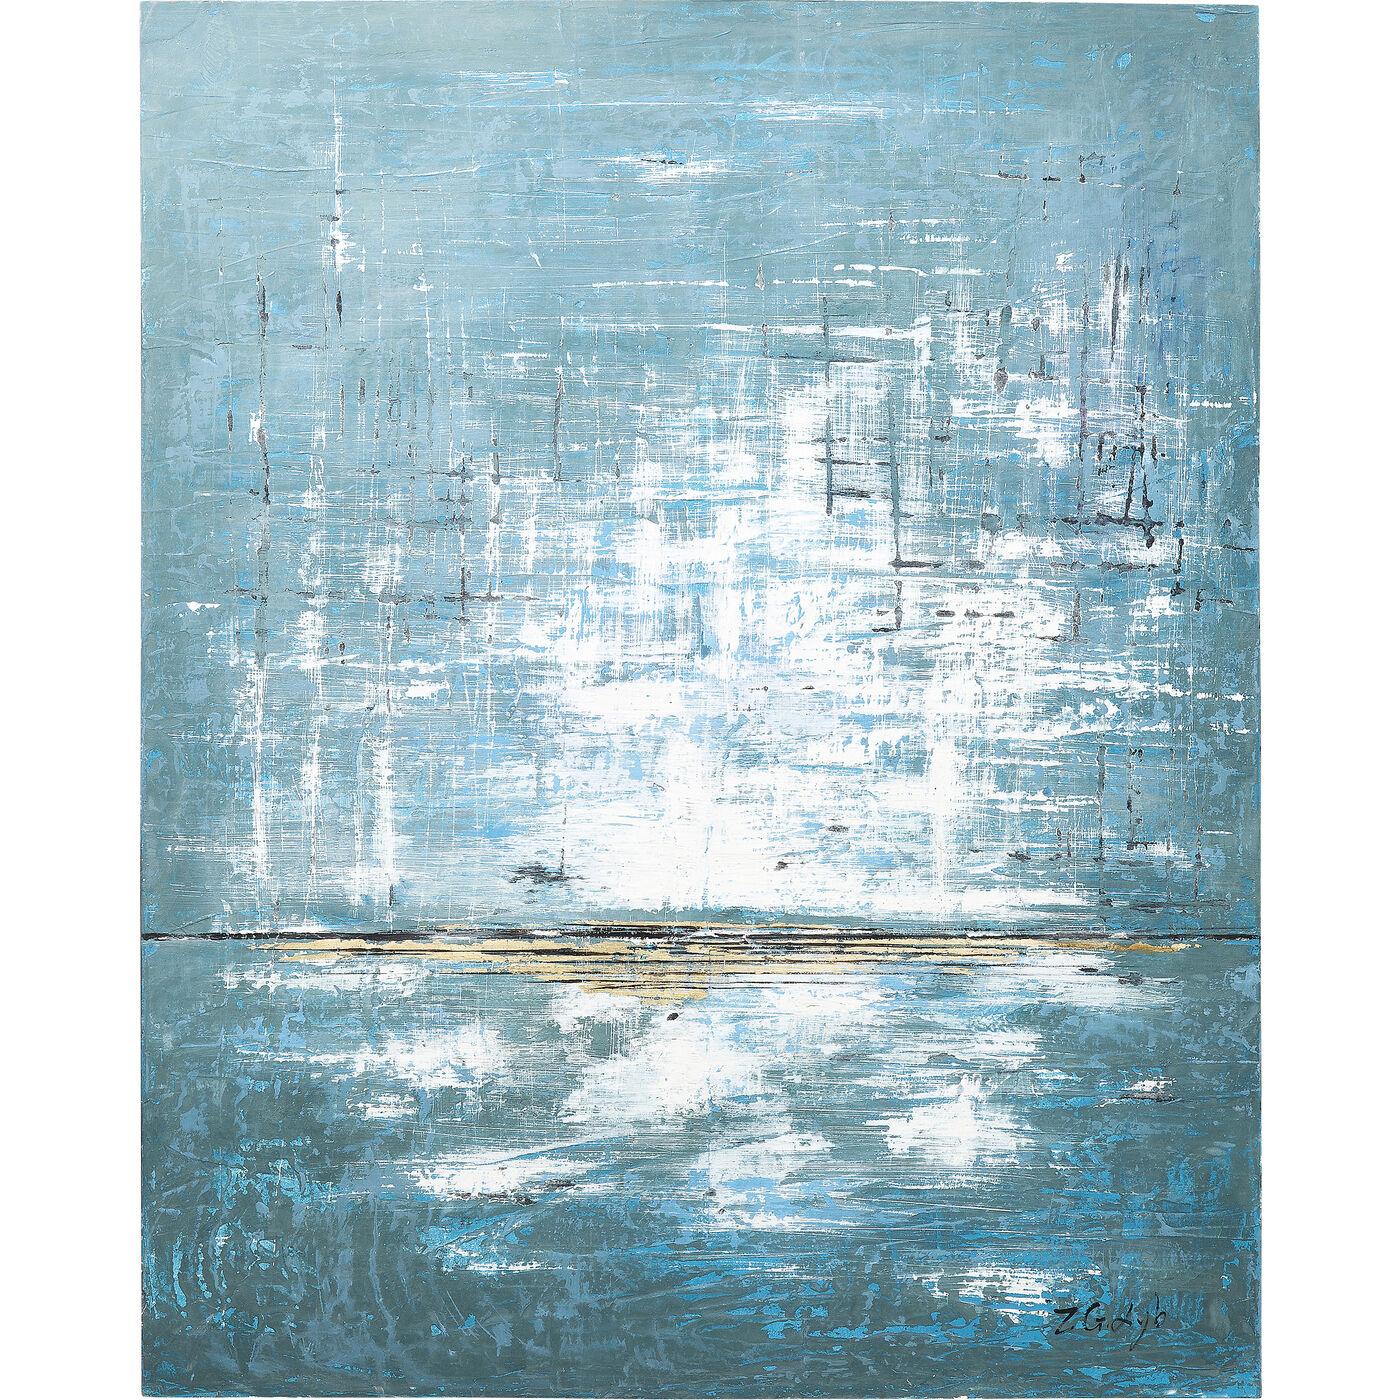 Acrylbild Abstract Blue One 150x120